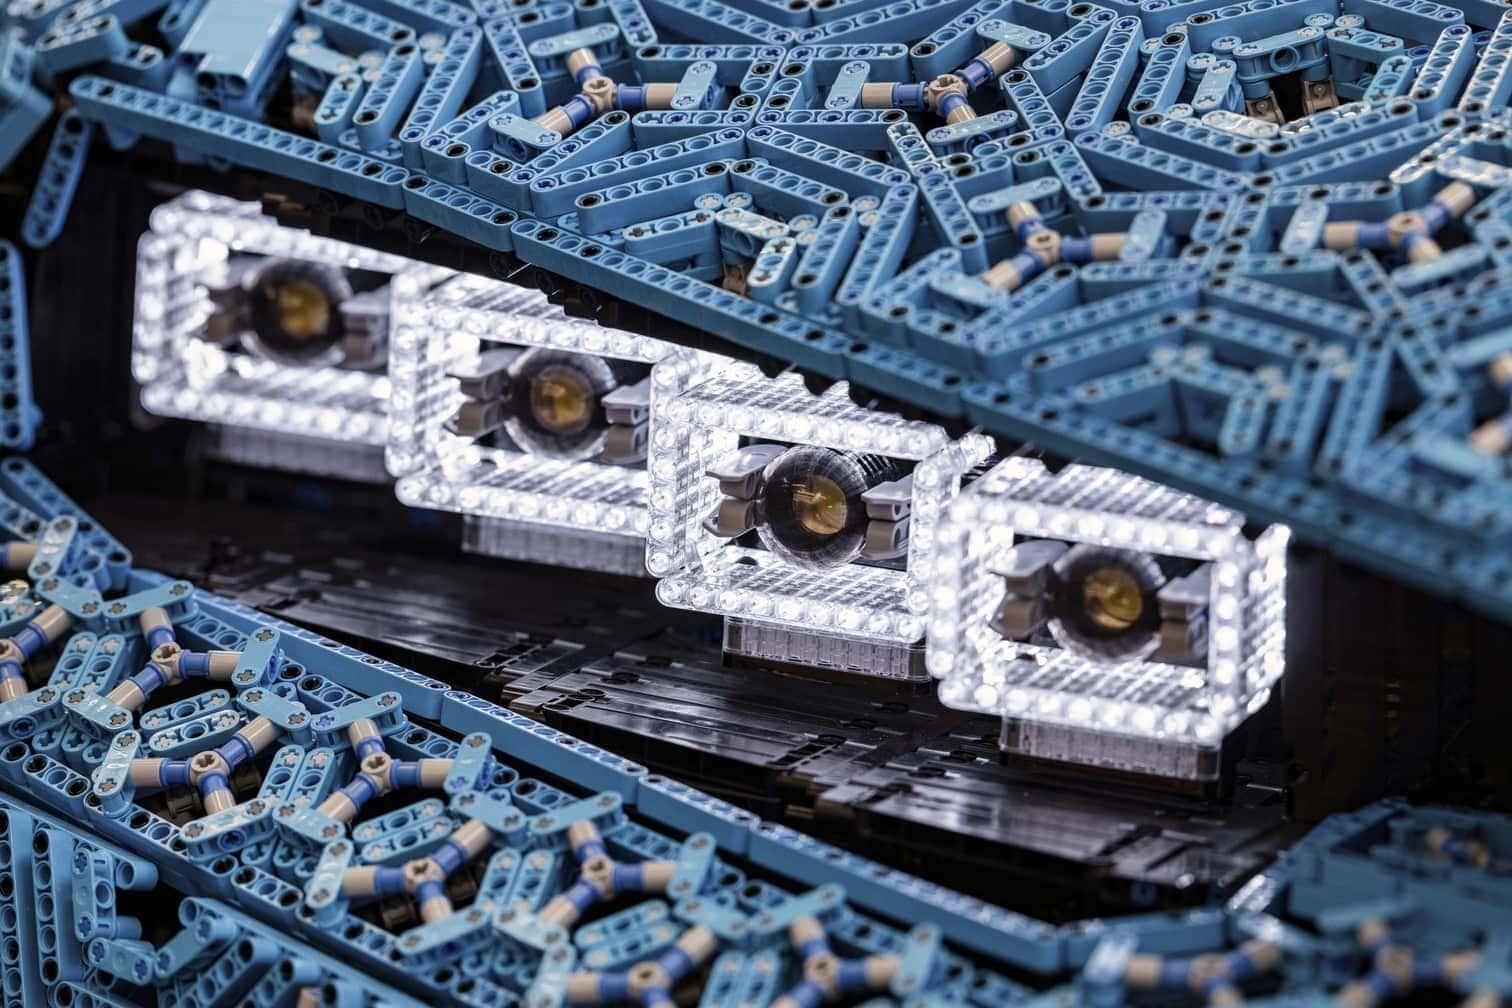 <p>Damit erreicht der&nbsp;Bugatti Chiron eine Höchstgeschwindigkeit von 20 km/h.</p> Foto: The LEGO Group